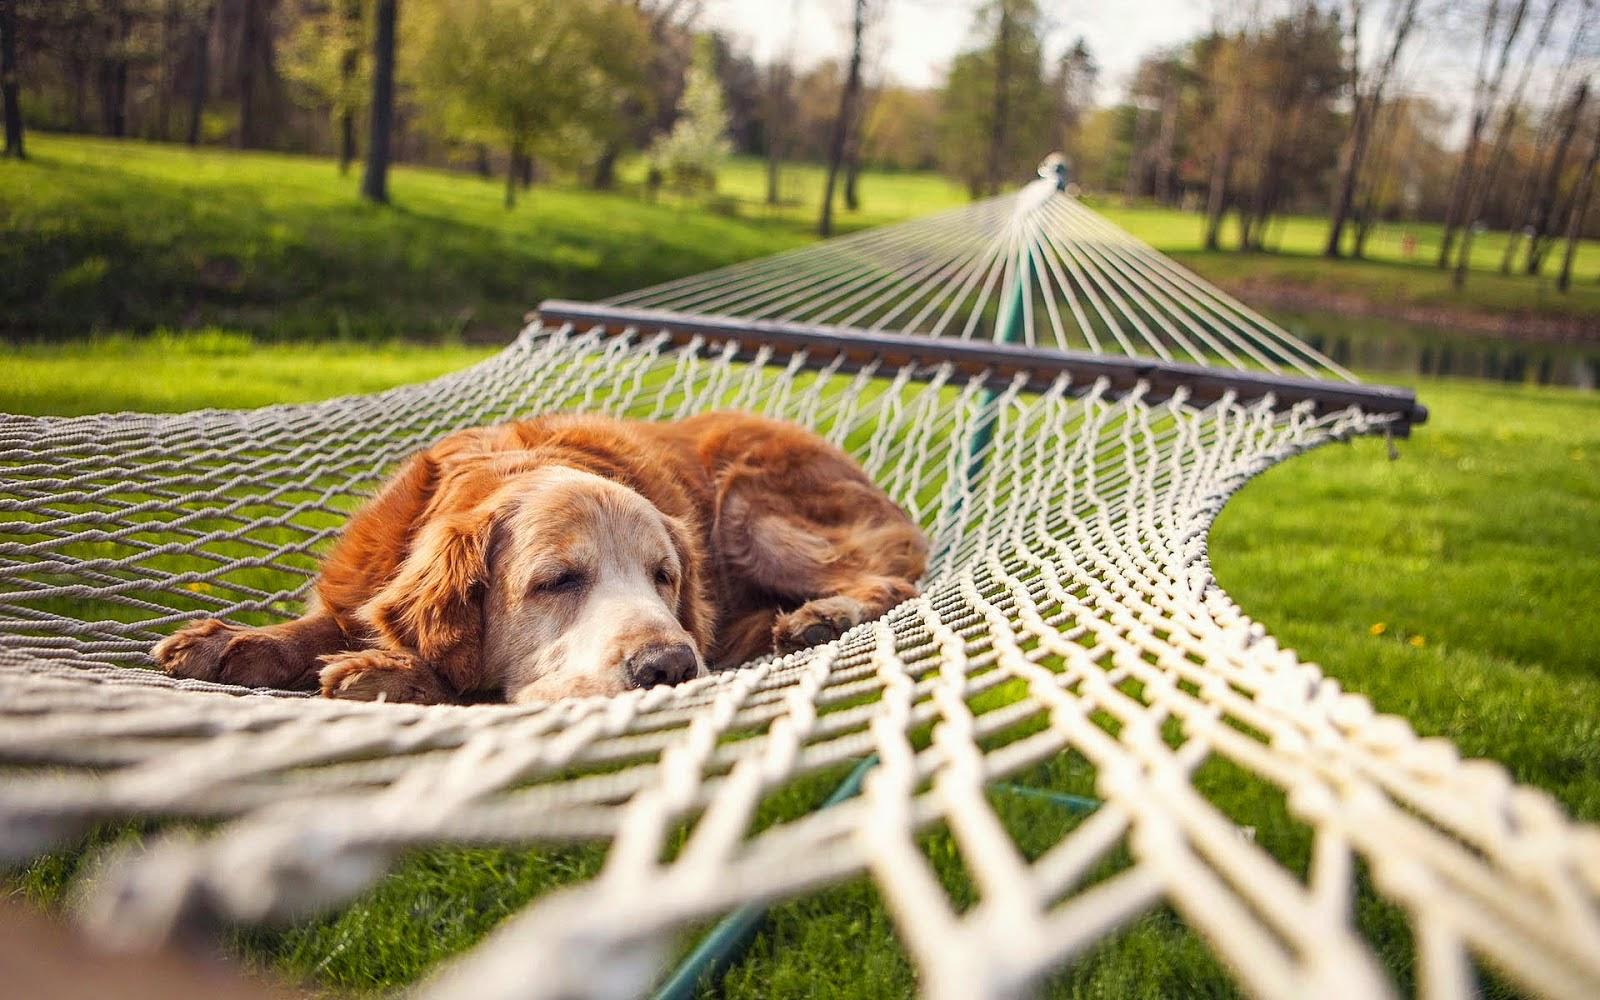 Wallpaper met hond in hangmat in het park